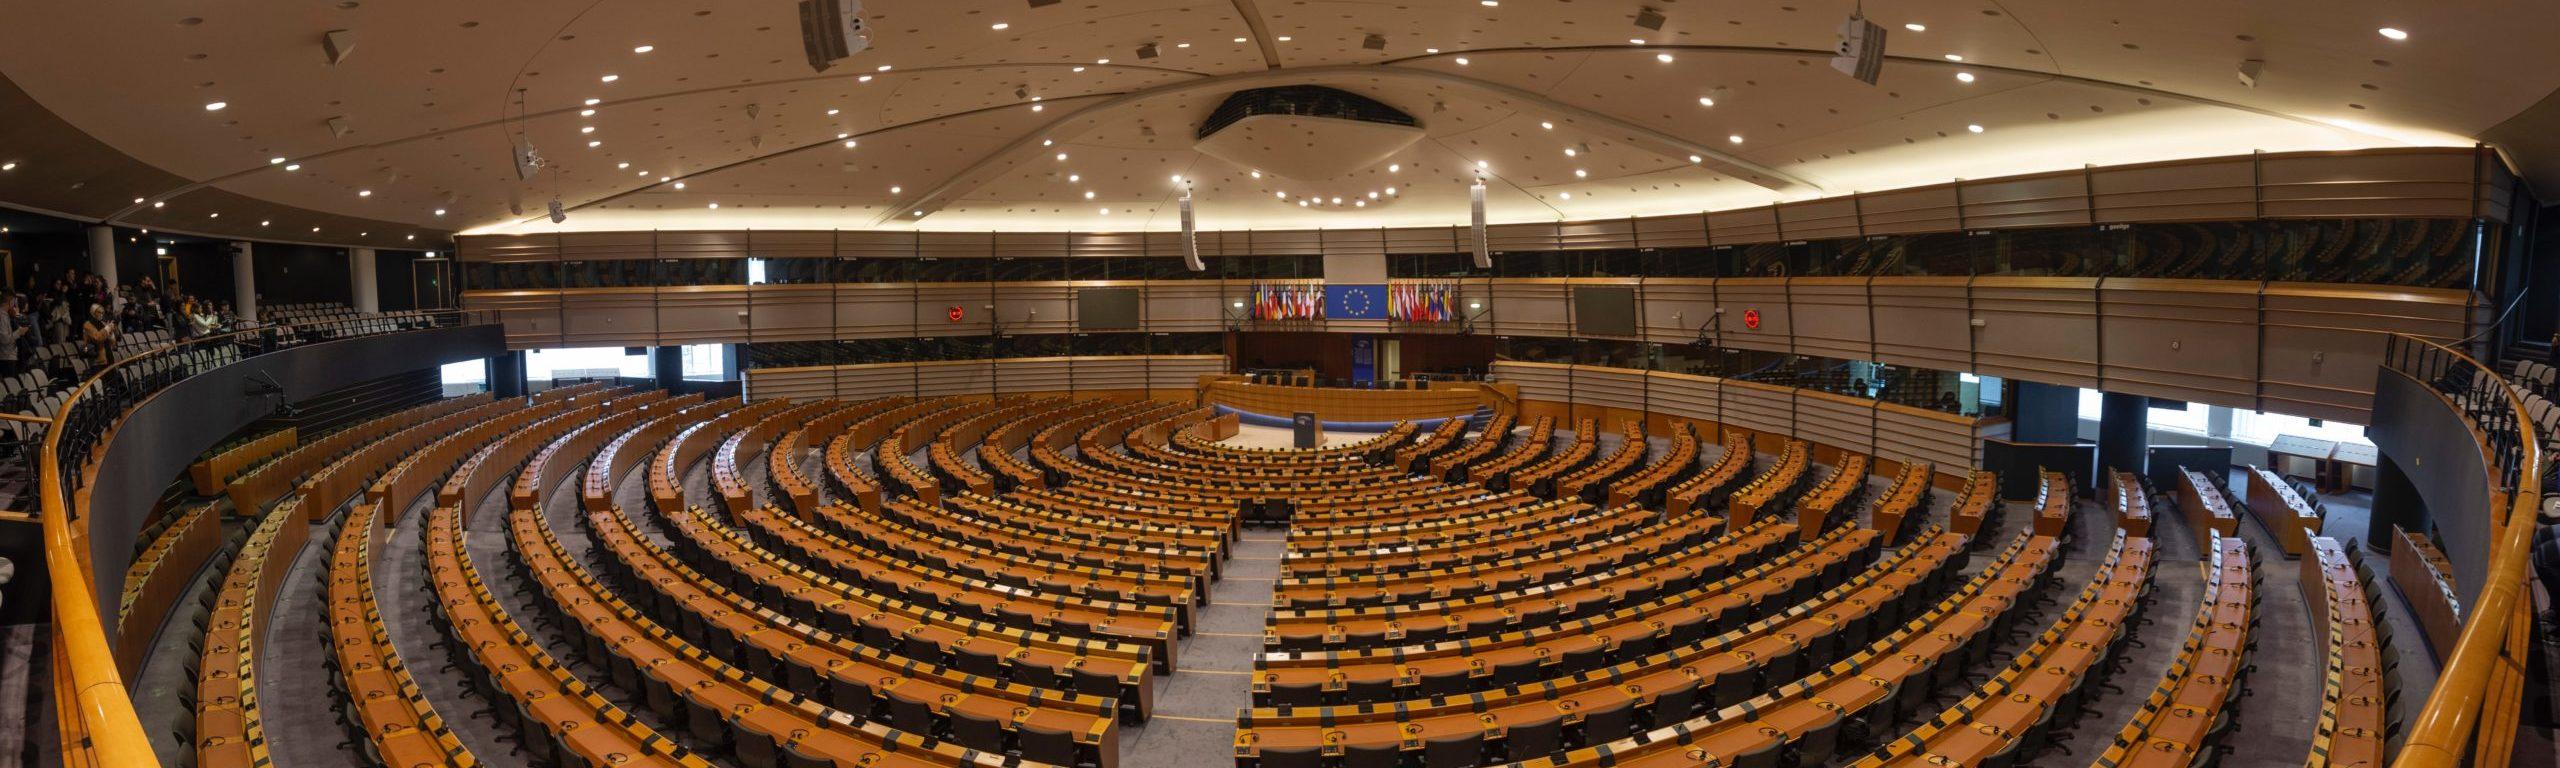 Empty auditorium of European Institution ©Marius Oprea, unsplash.com